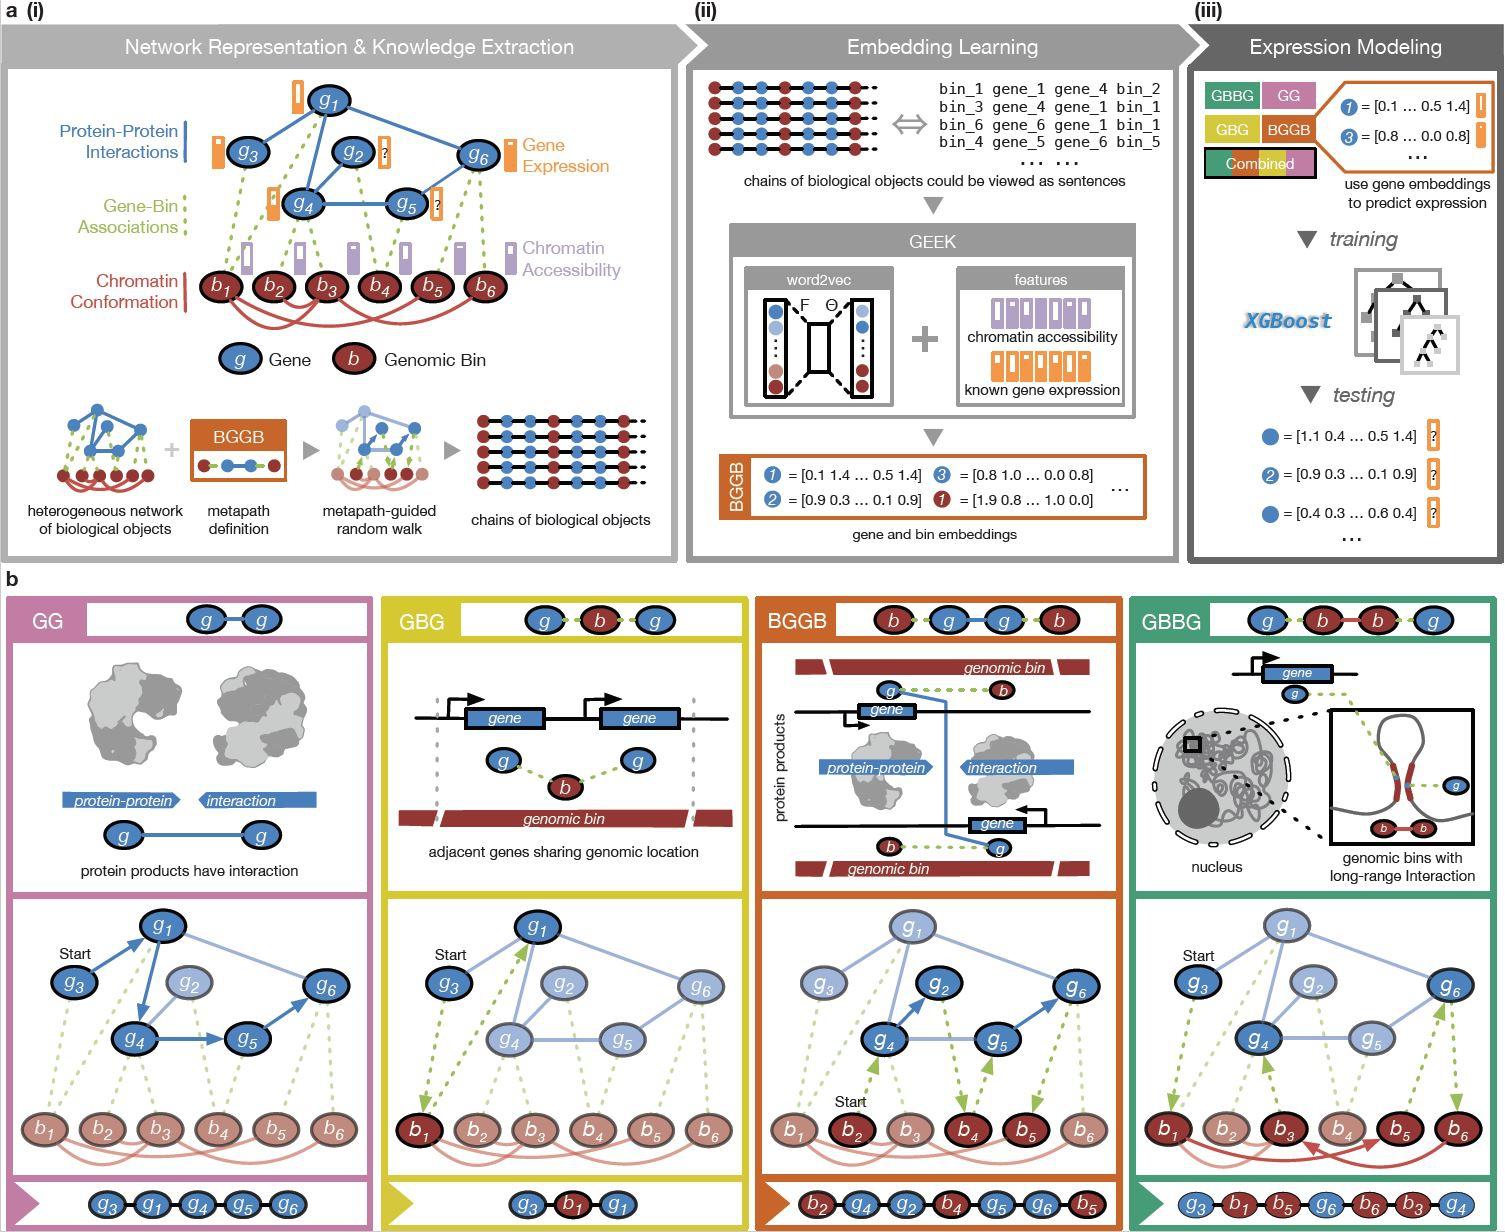 上图显示如何透过机器学习和自然语言处理技术研究多种基因调控机制。